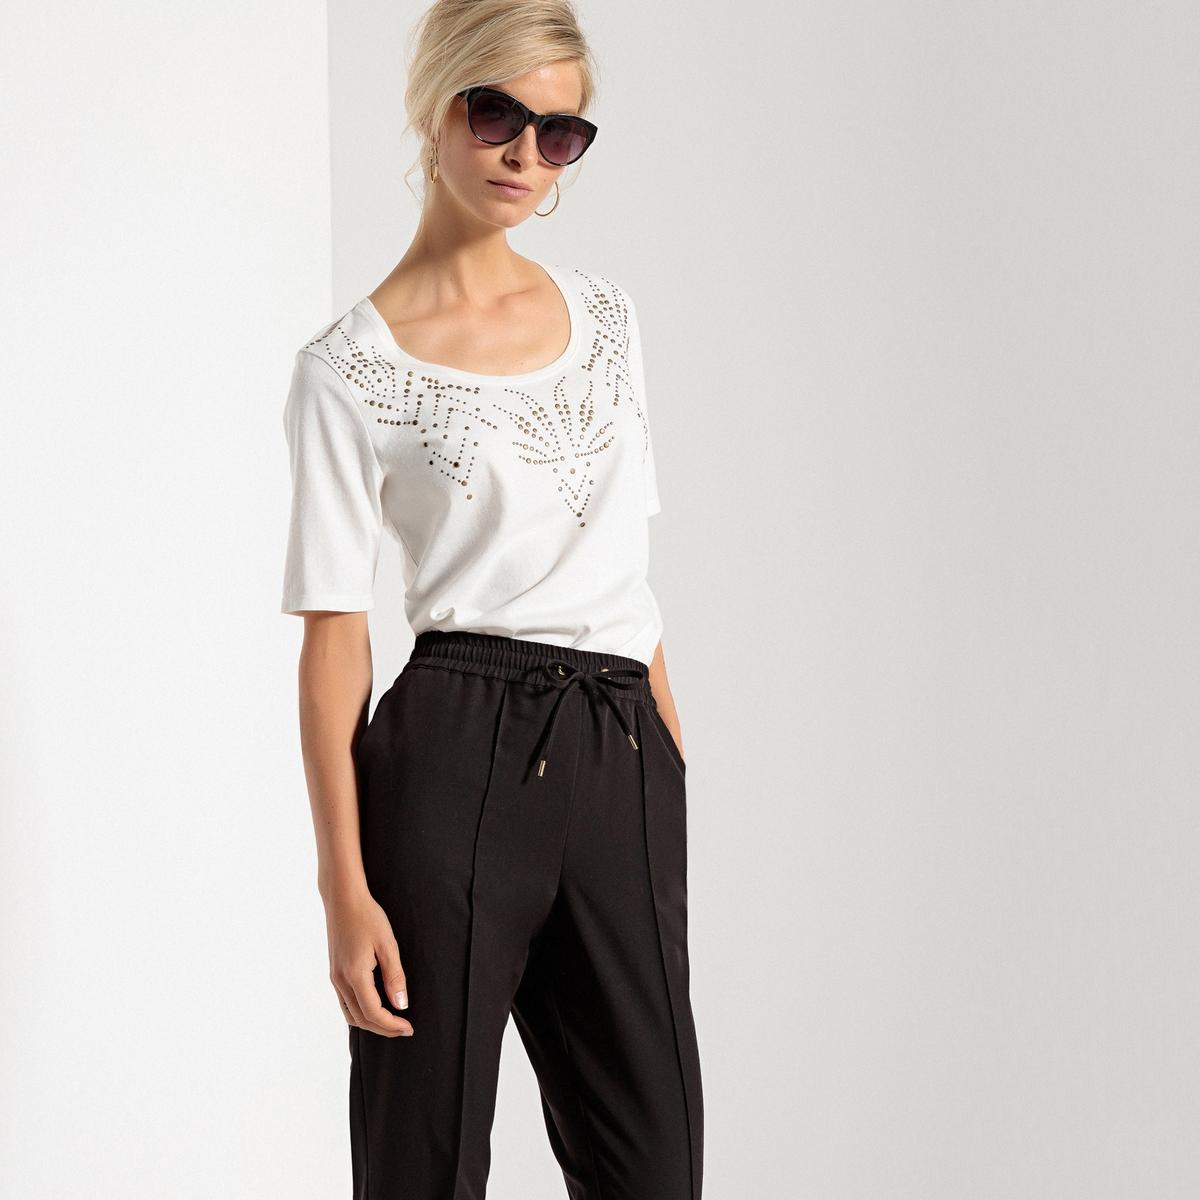 Imagen secundaria de producto de Camiseta con cuello redondo, tachuelas fantasía y manga corta - Anne weyburn